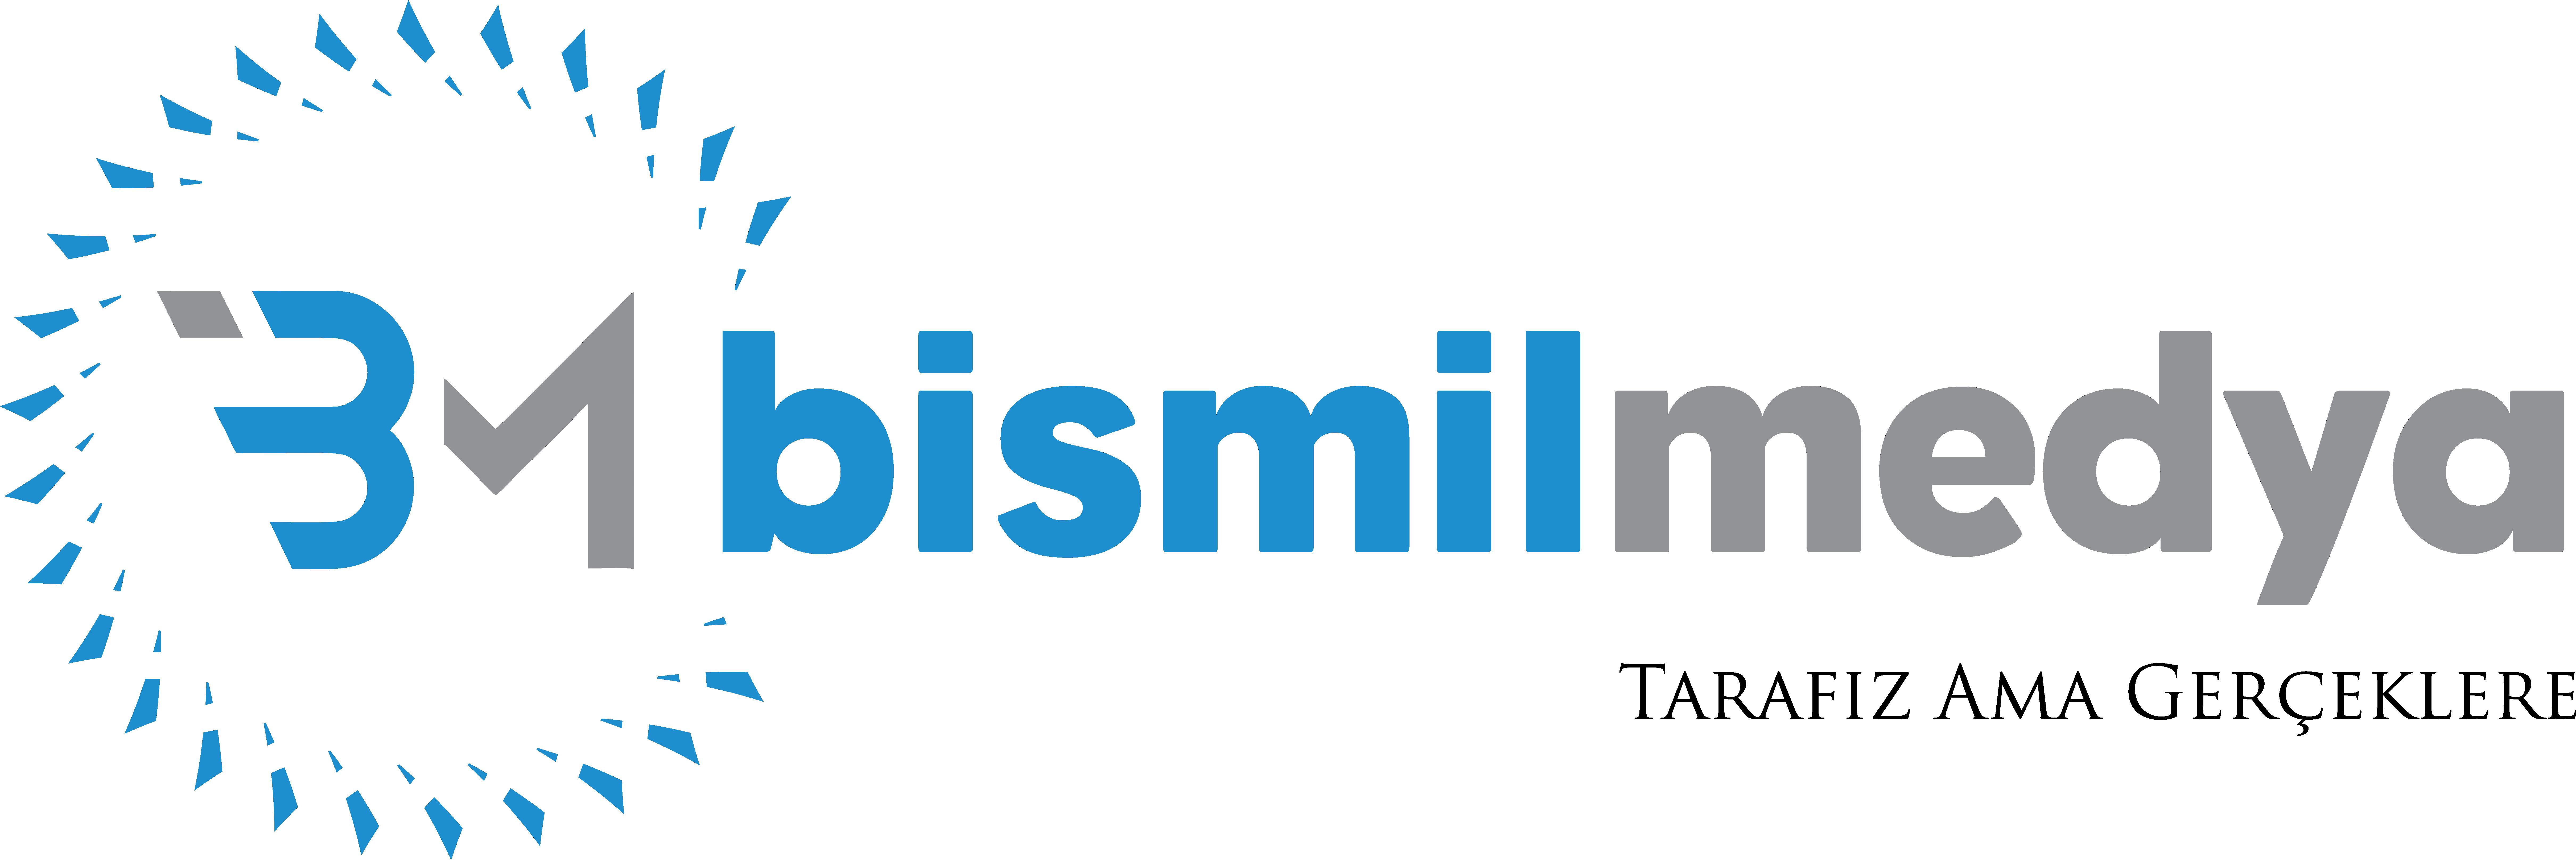 Bismilmedya.com Haber Sitesi'ne Hoş Geldiniz